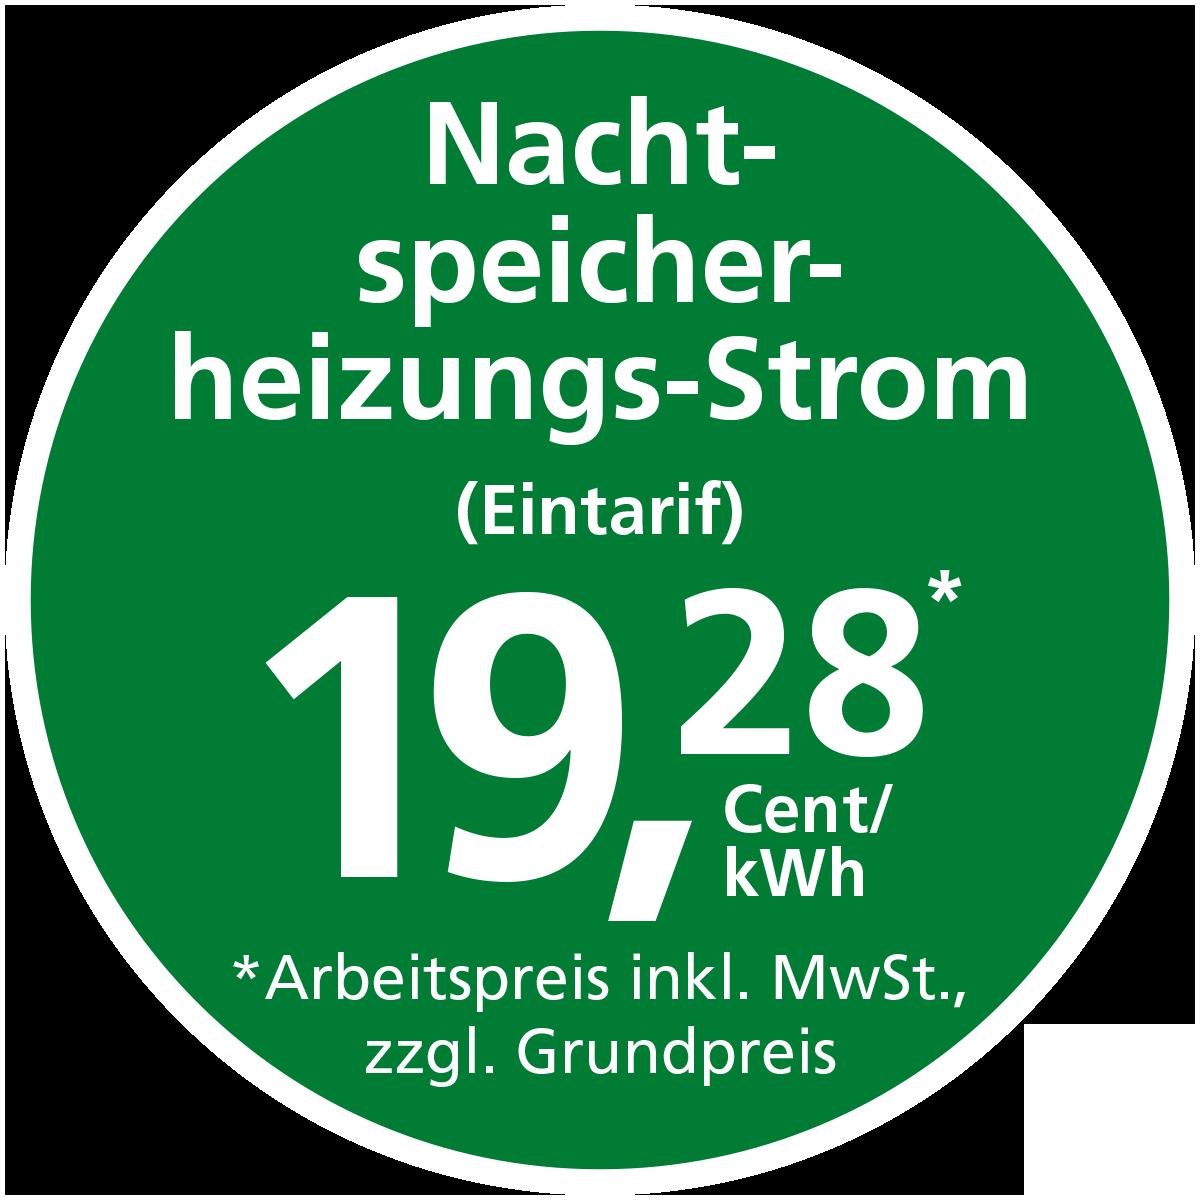 Stadtwerke Winnenden: Nachtspeicherheizungs-Strom